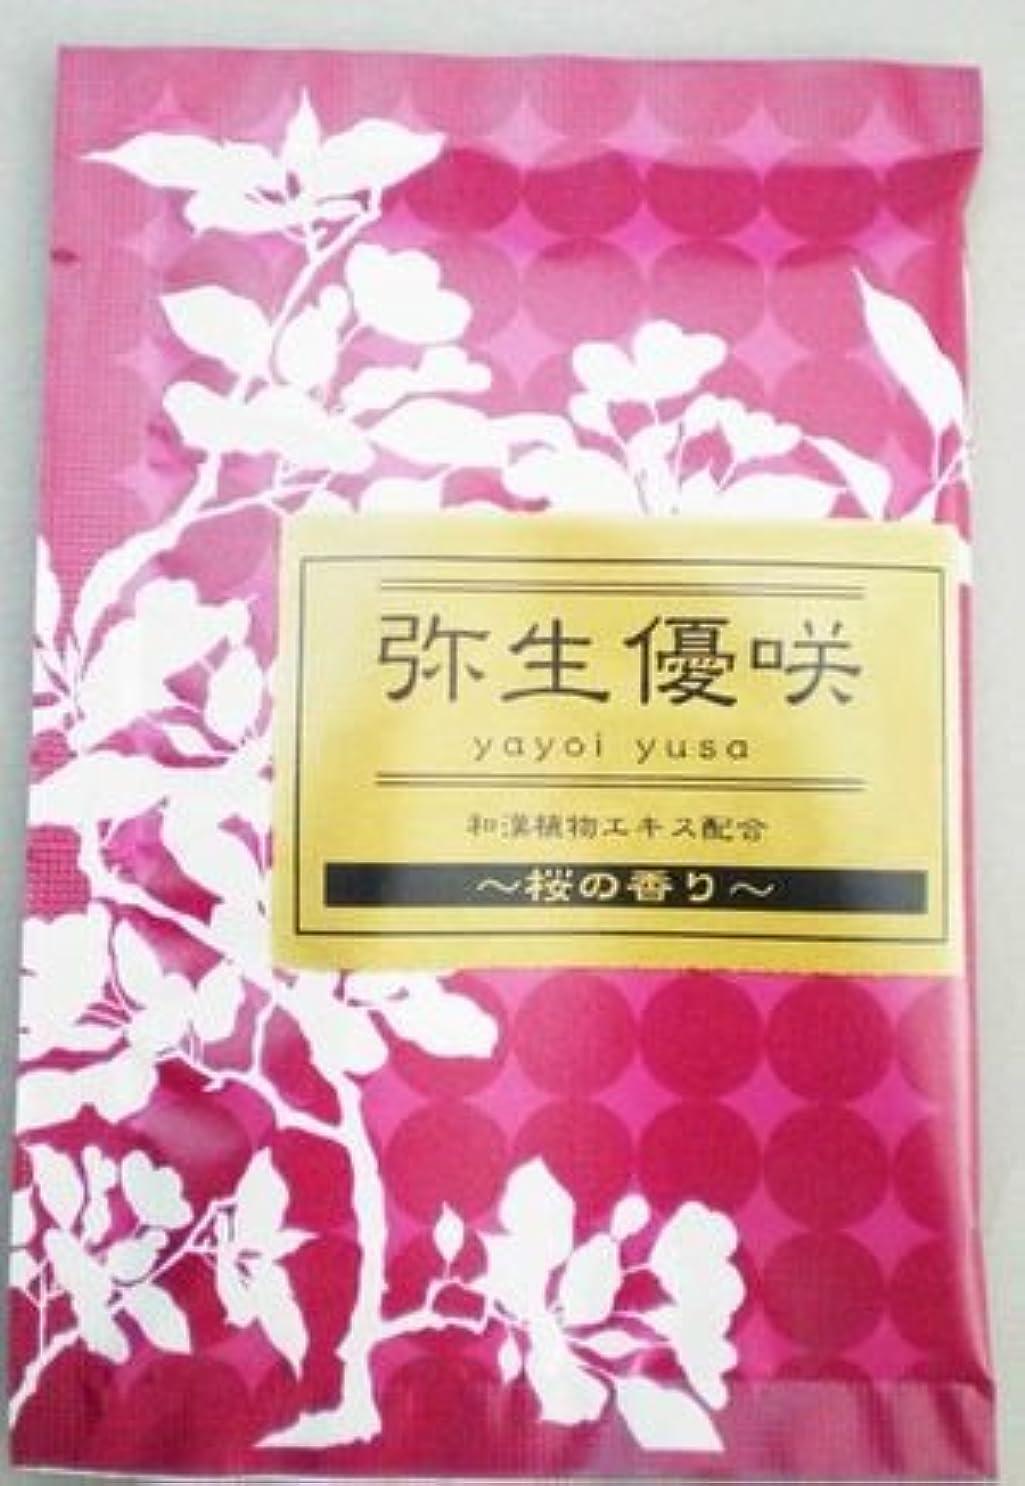 秘密の虚栄心極めて綺羅の刻 弥生優咲 桜の香り(1包)